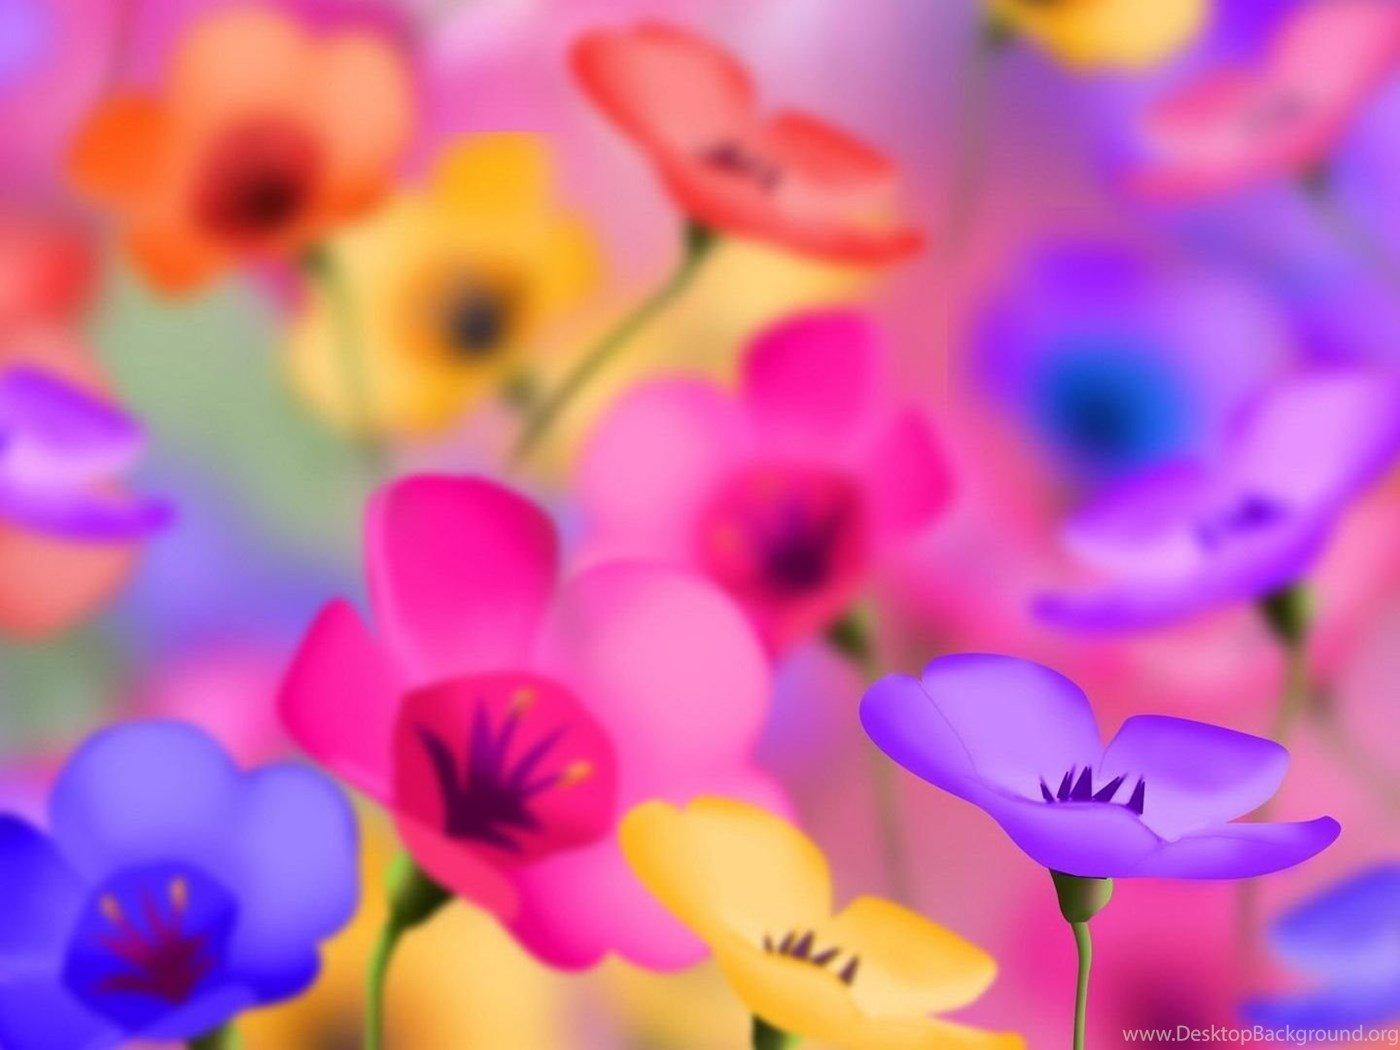 Background Full Screen Flower Wallpaper Hd 1400x1050 Download Hd Wallpaper Wallpapertip